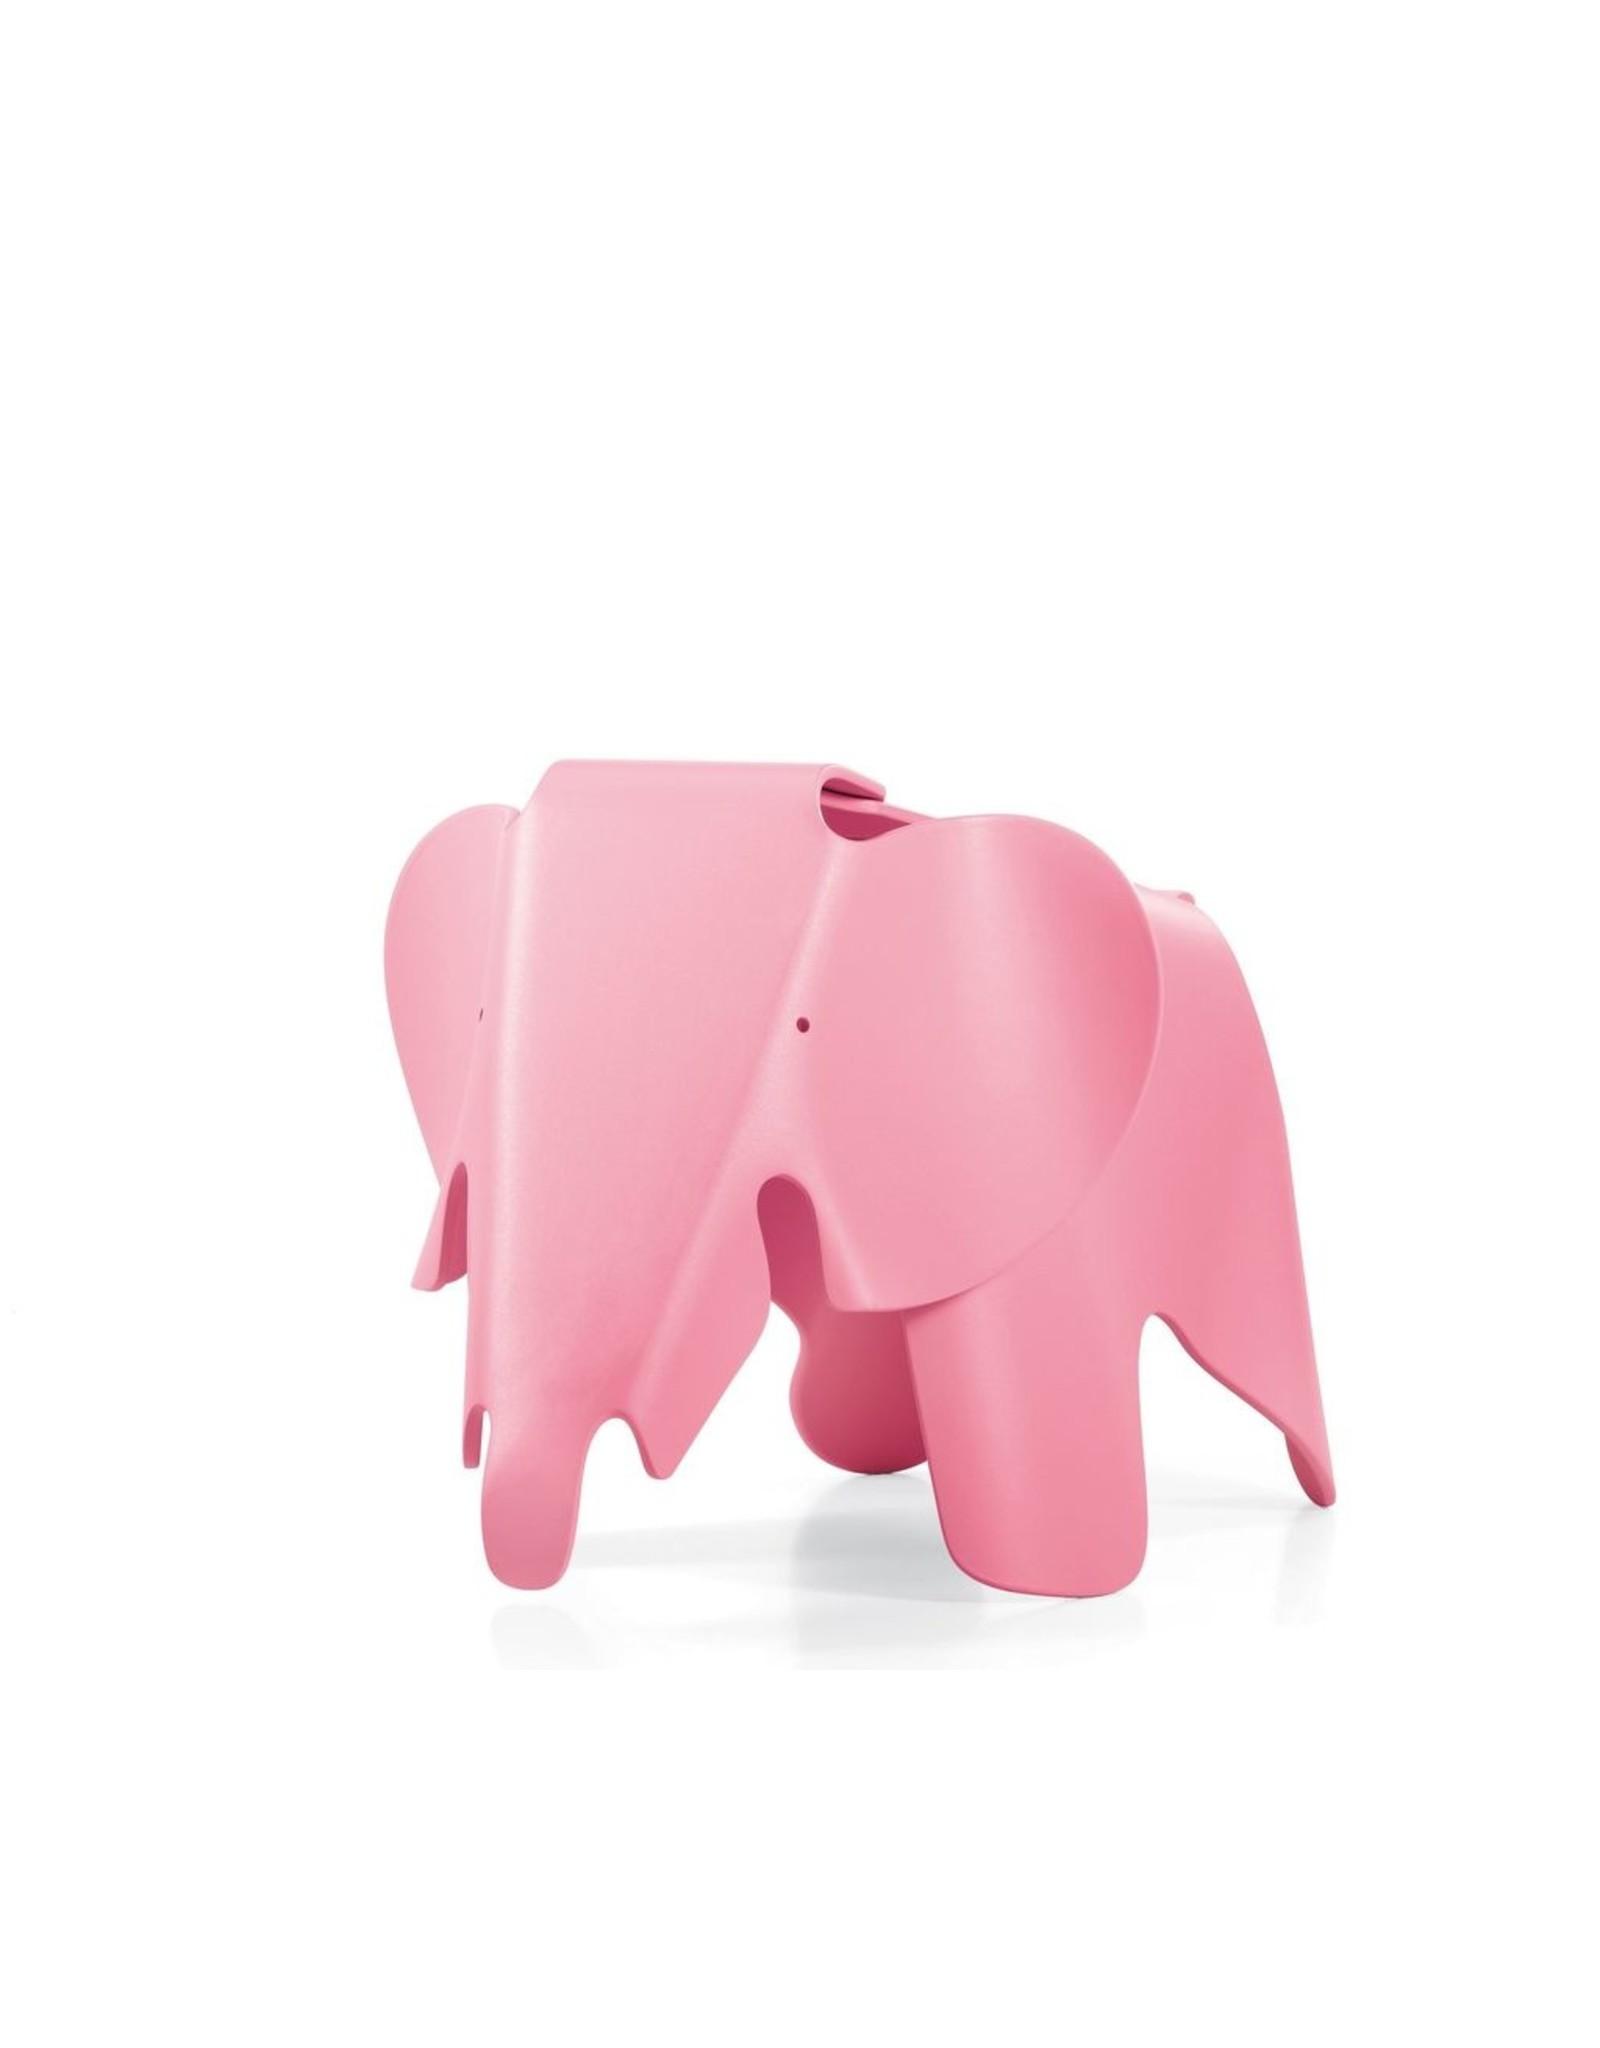 VITRA EAMUS ELEPHANT LICHTROZE